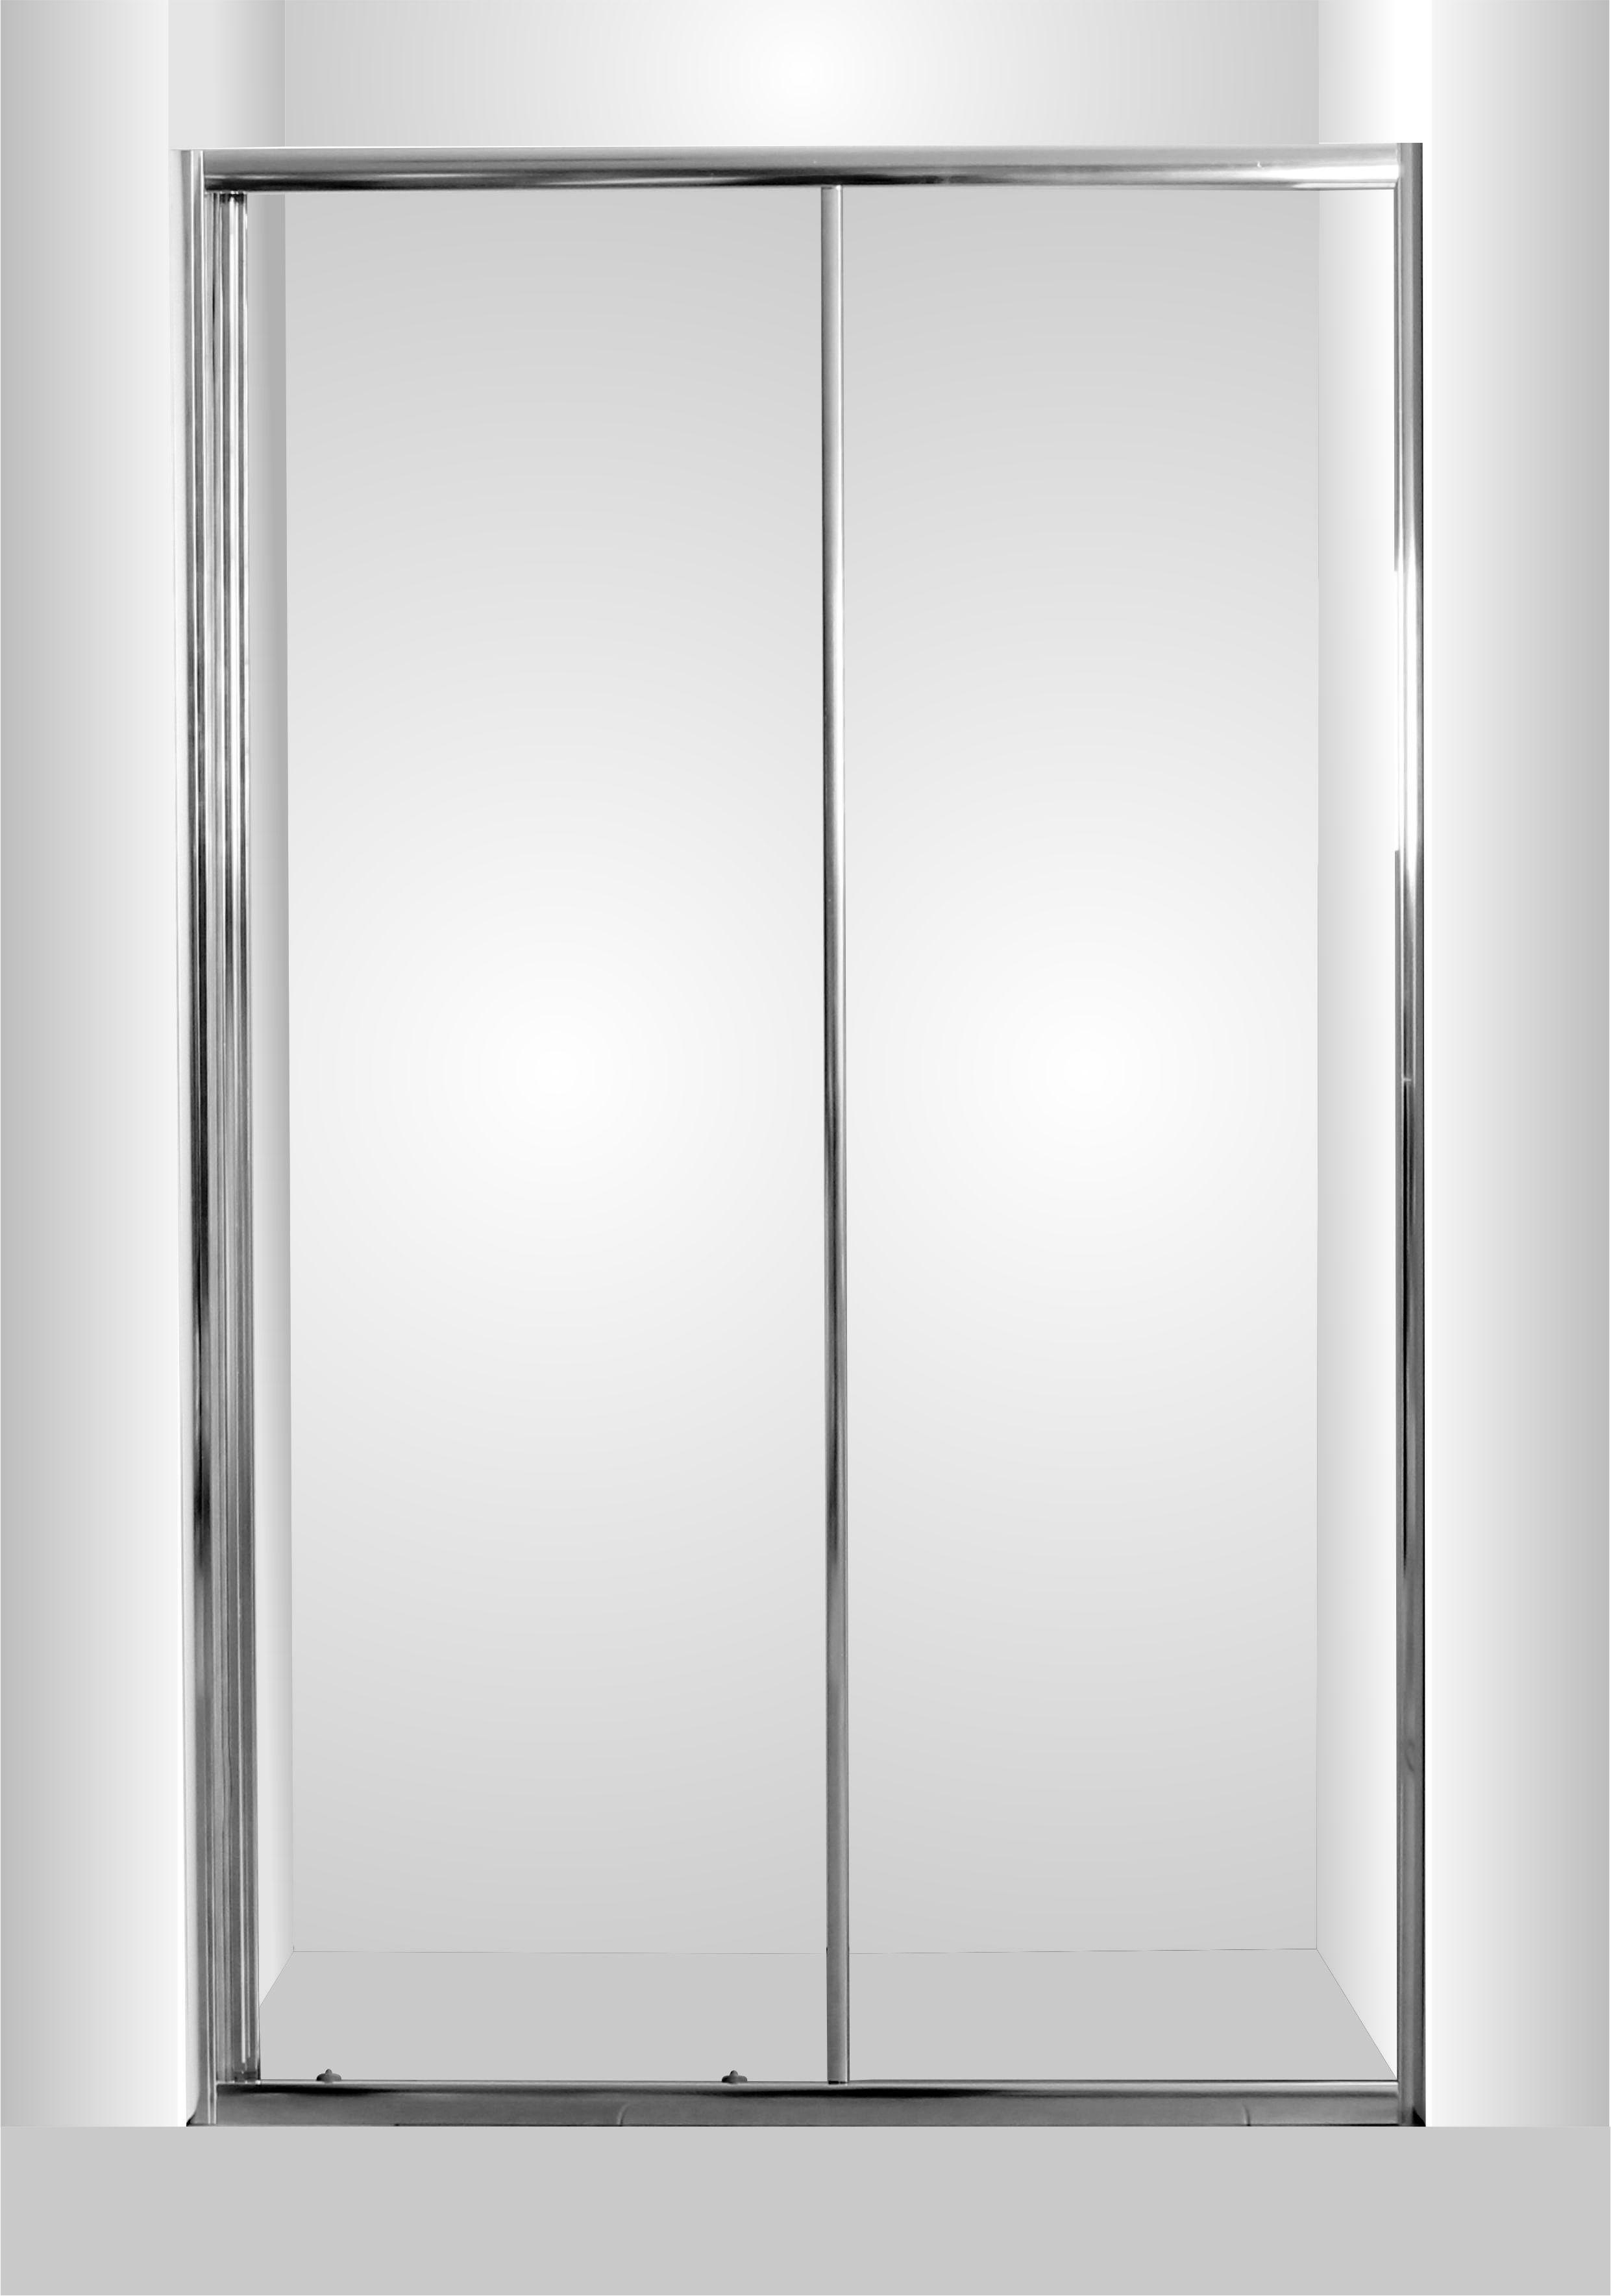 HOPA - Sprchové dveře do niky SMART - SELVA - Barva rámu zástěny - Hliník chrom, Provedení - Univerzální, Šíře - 120 cm, Výplň - Čiré bezpečnostní sklo - 4 / 6 mm (OLBSEL12CCBV)